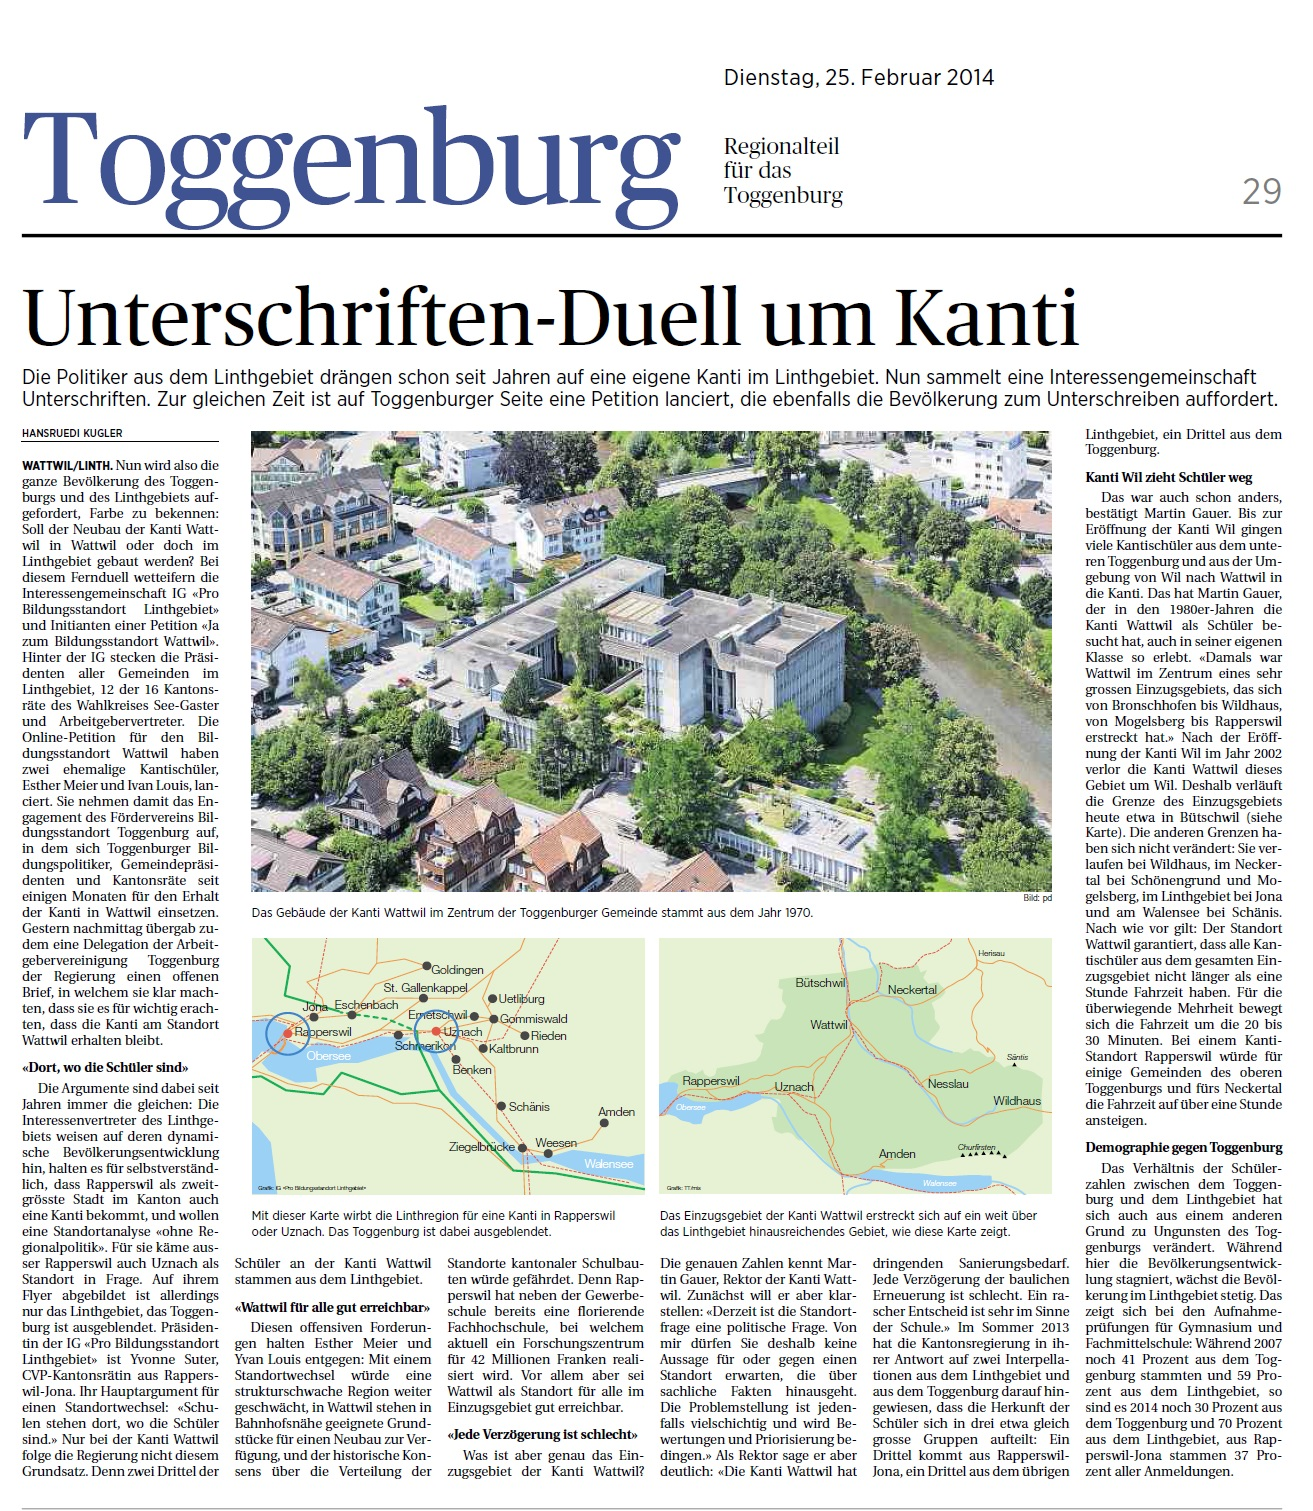 Unterschriften-Duell um Kanti (Dienstag, 25.02.2014)